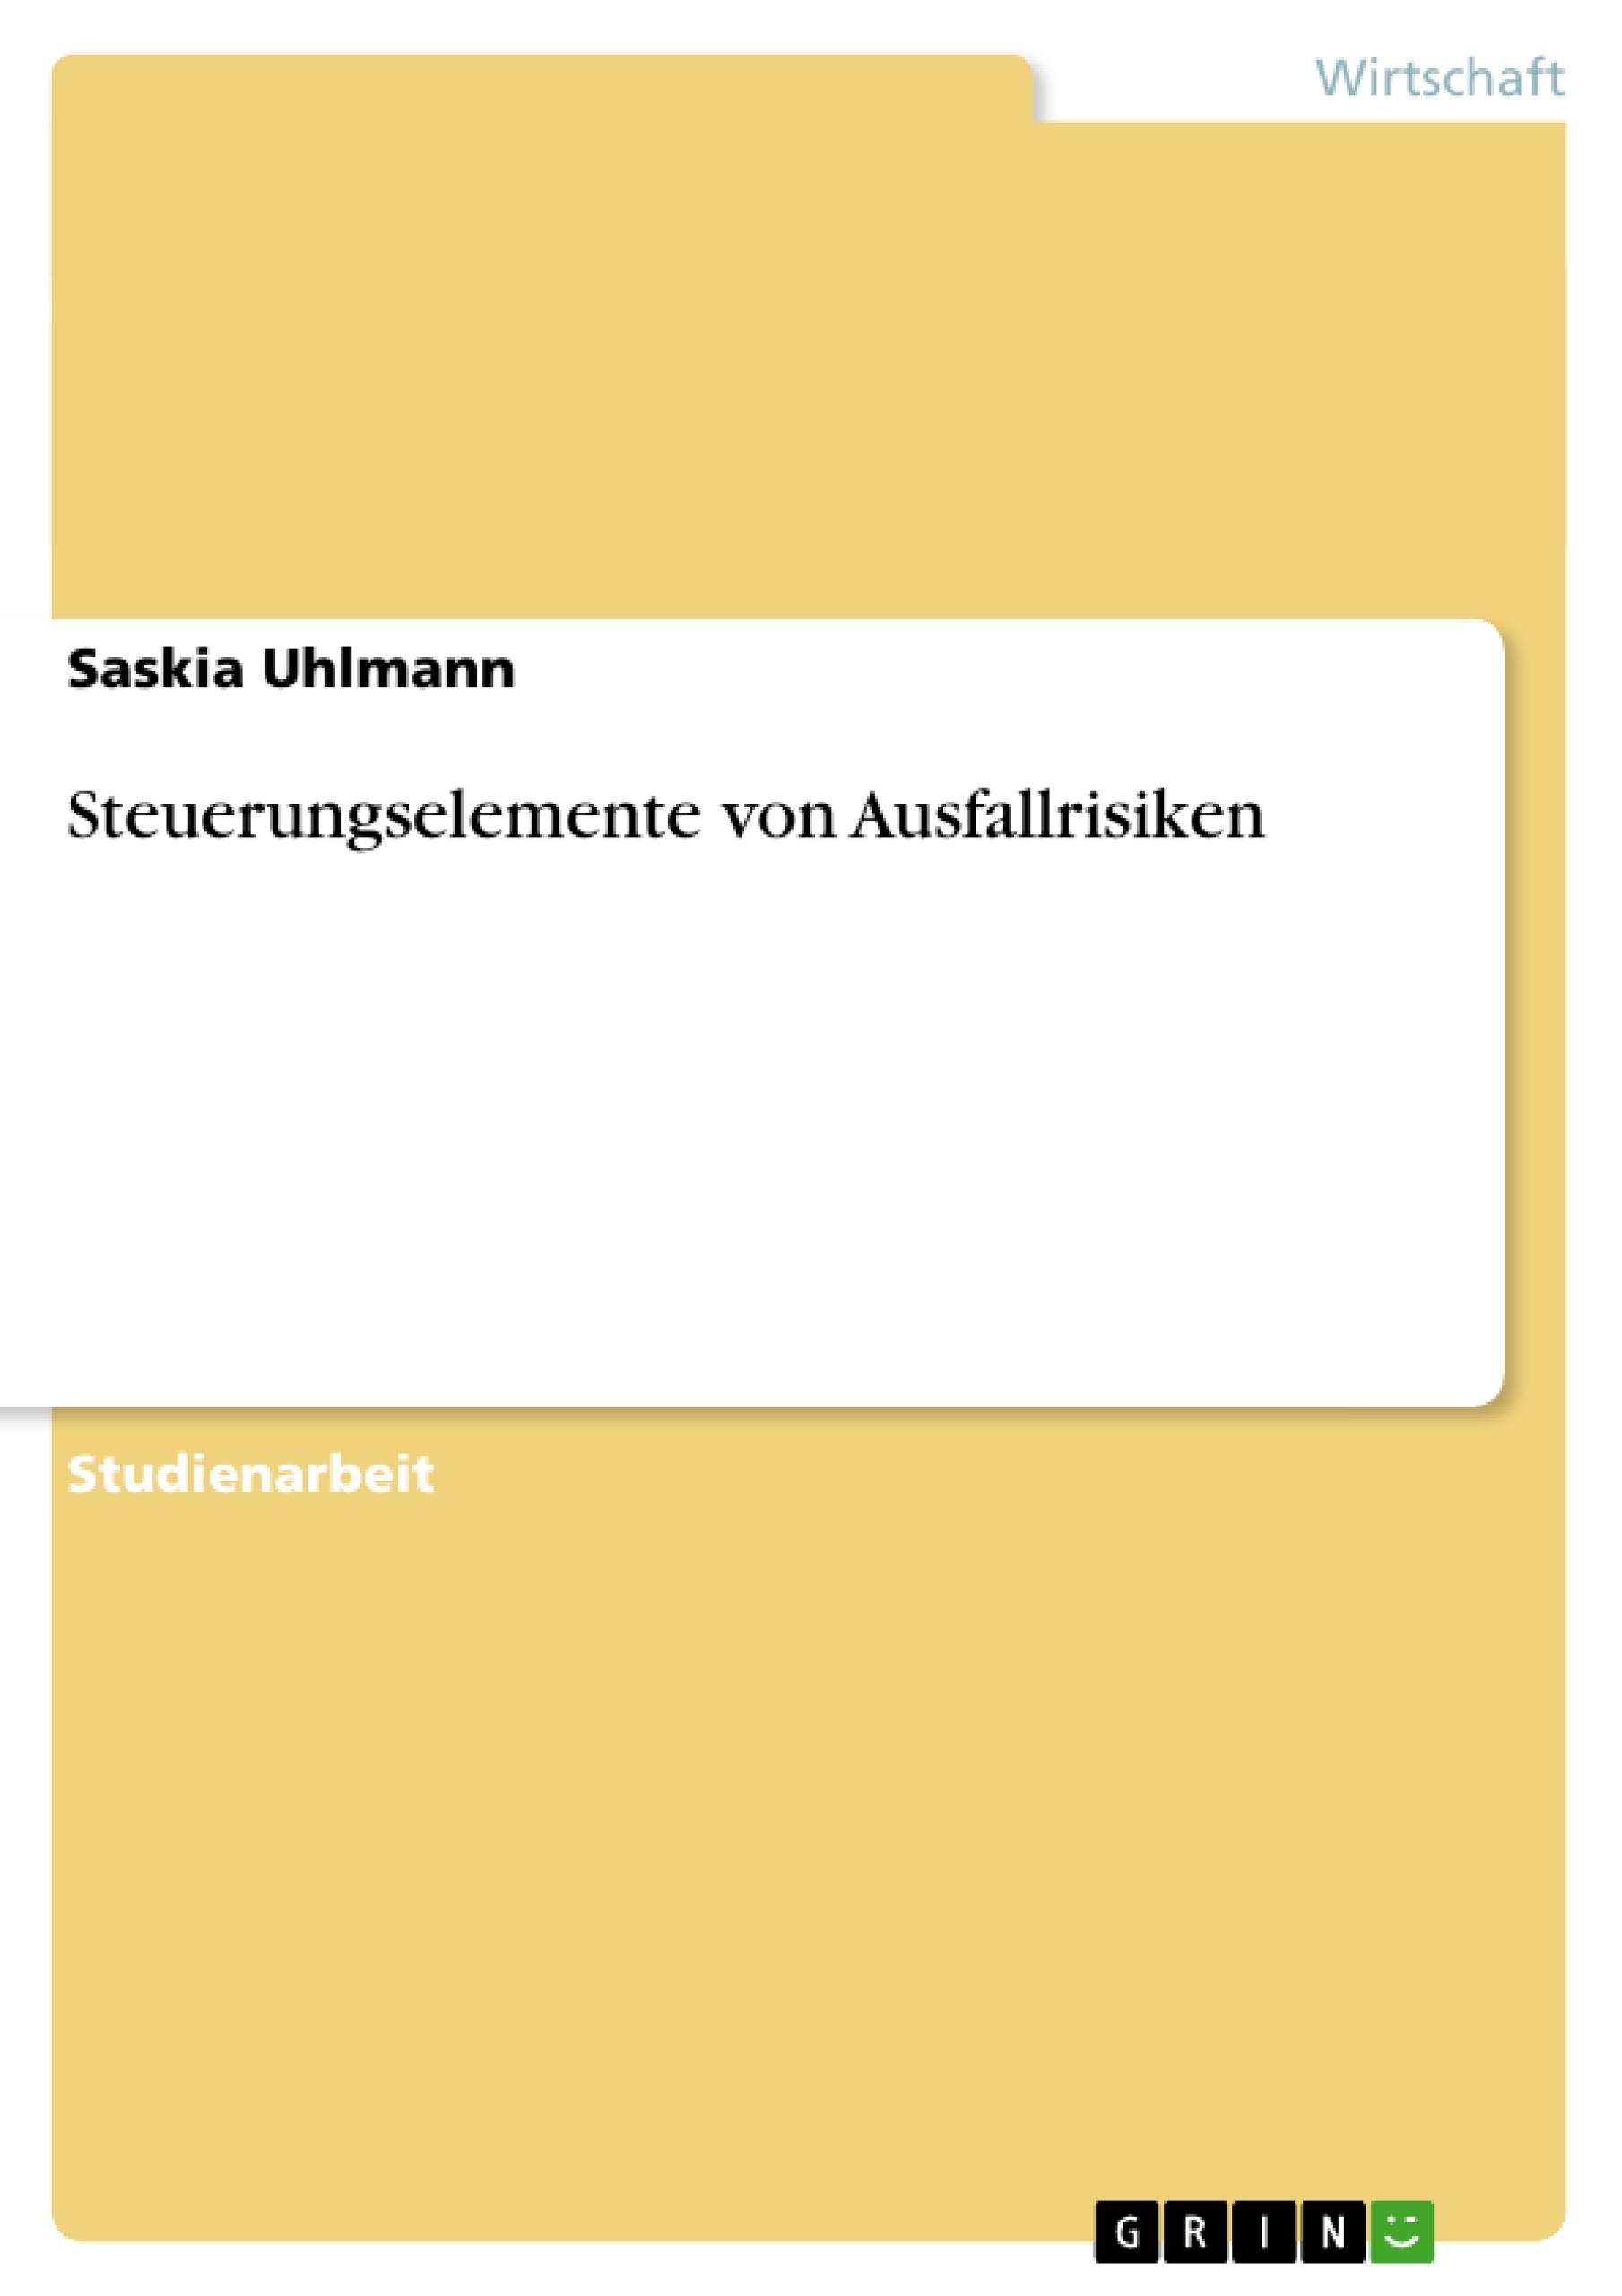 Titel: Steuerungselemente von Ausfallrisiken